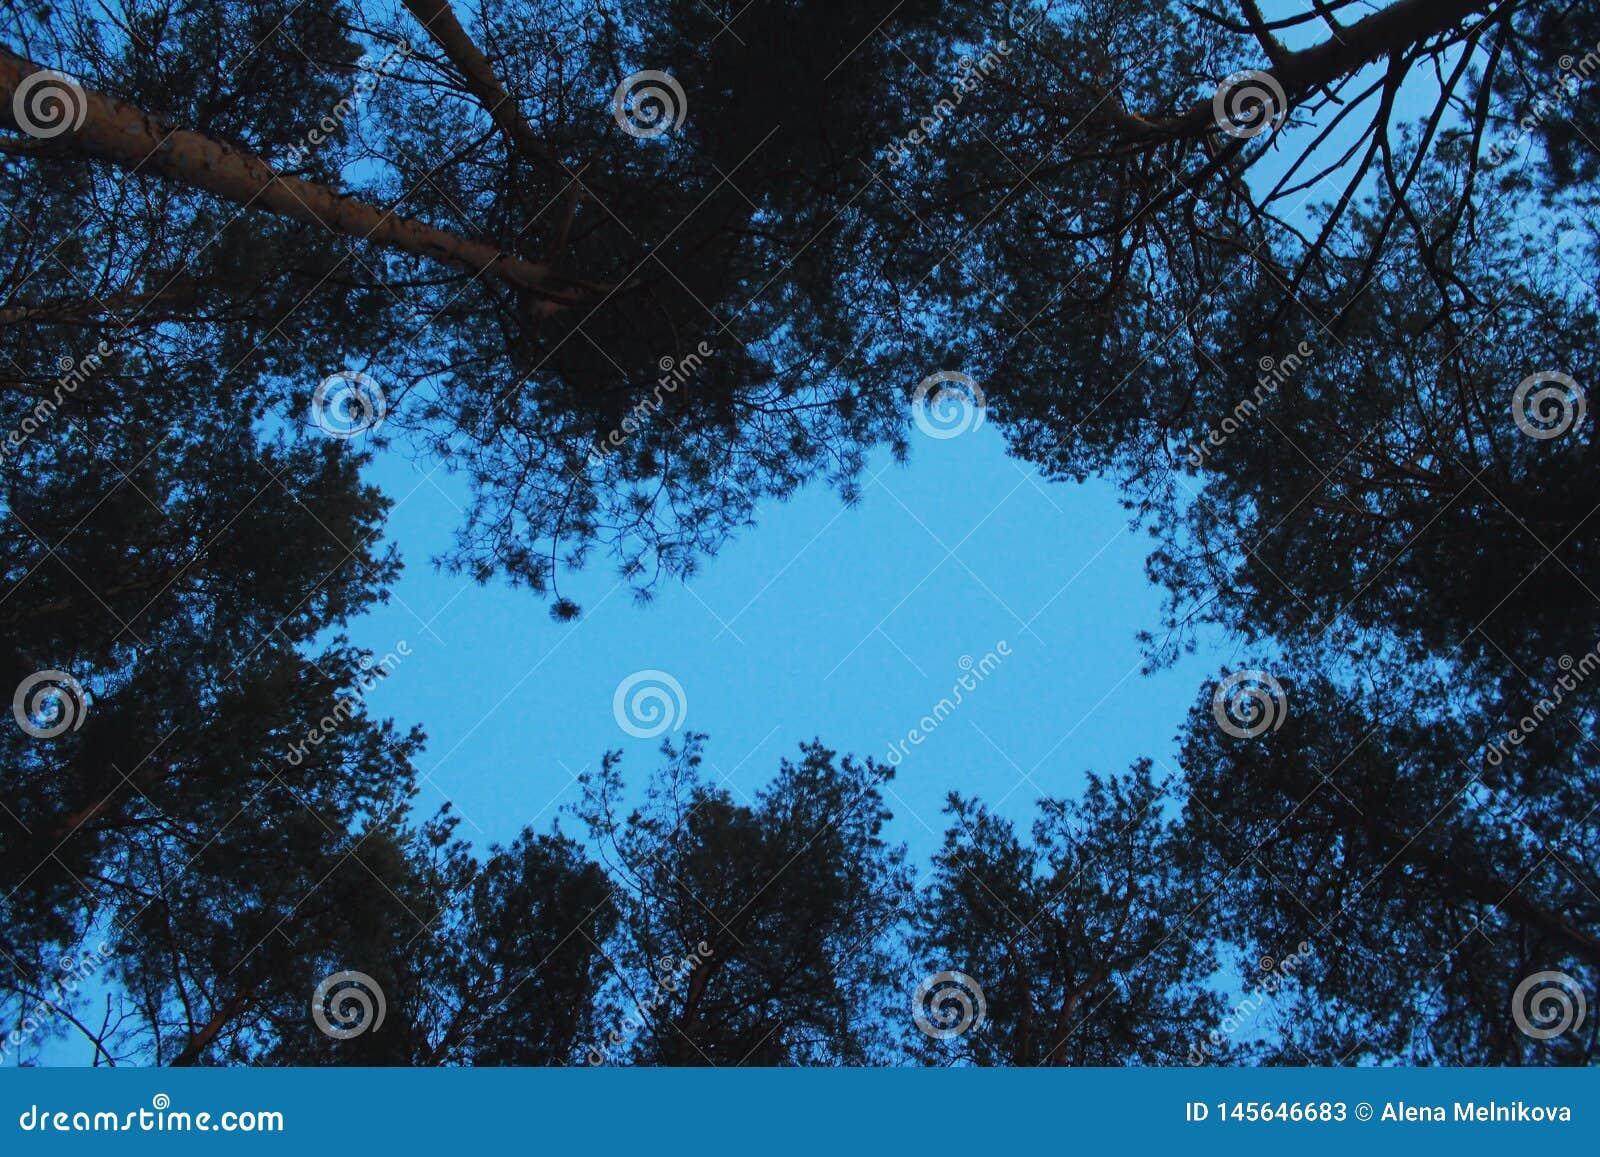 Kronen van pijnbomen tegen de avondhemel